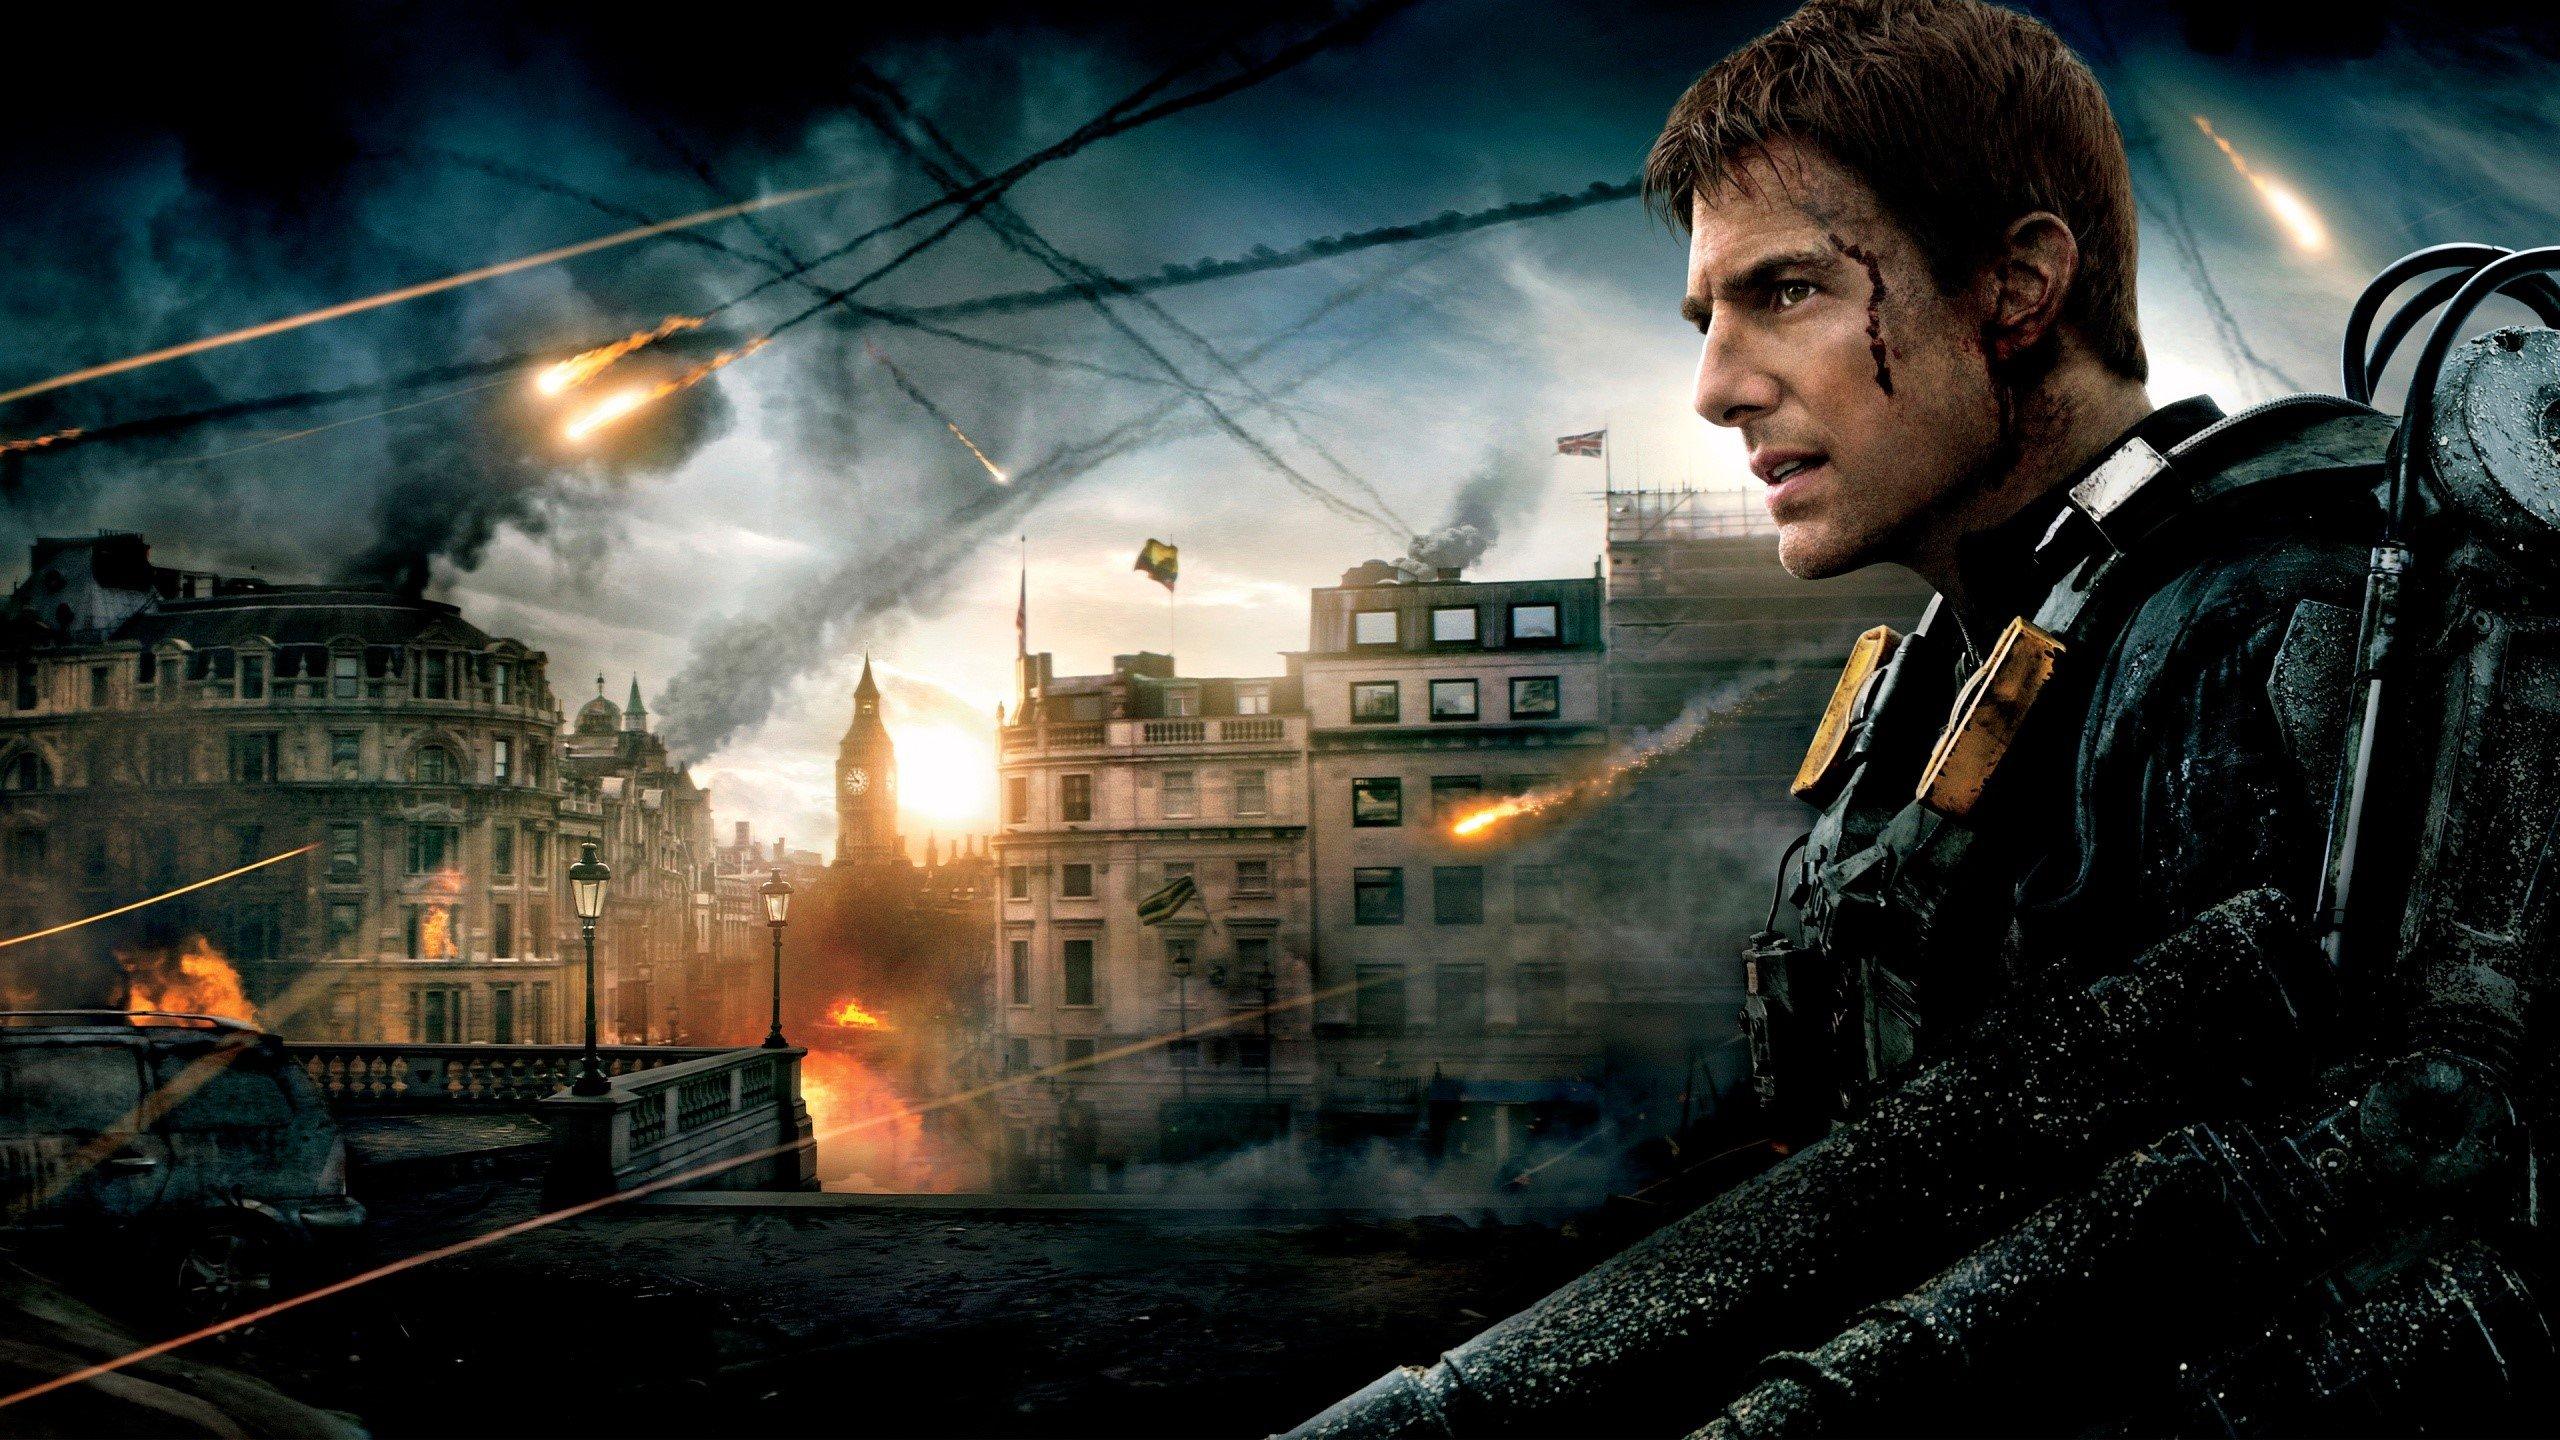 Fondos de pantalla Tom Cruise en la película Al filo del mañana